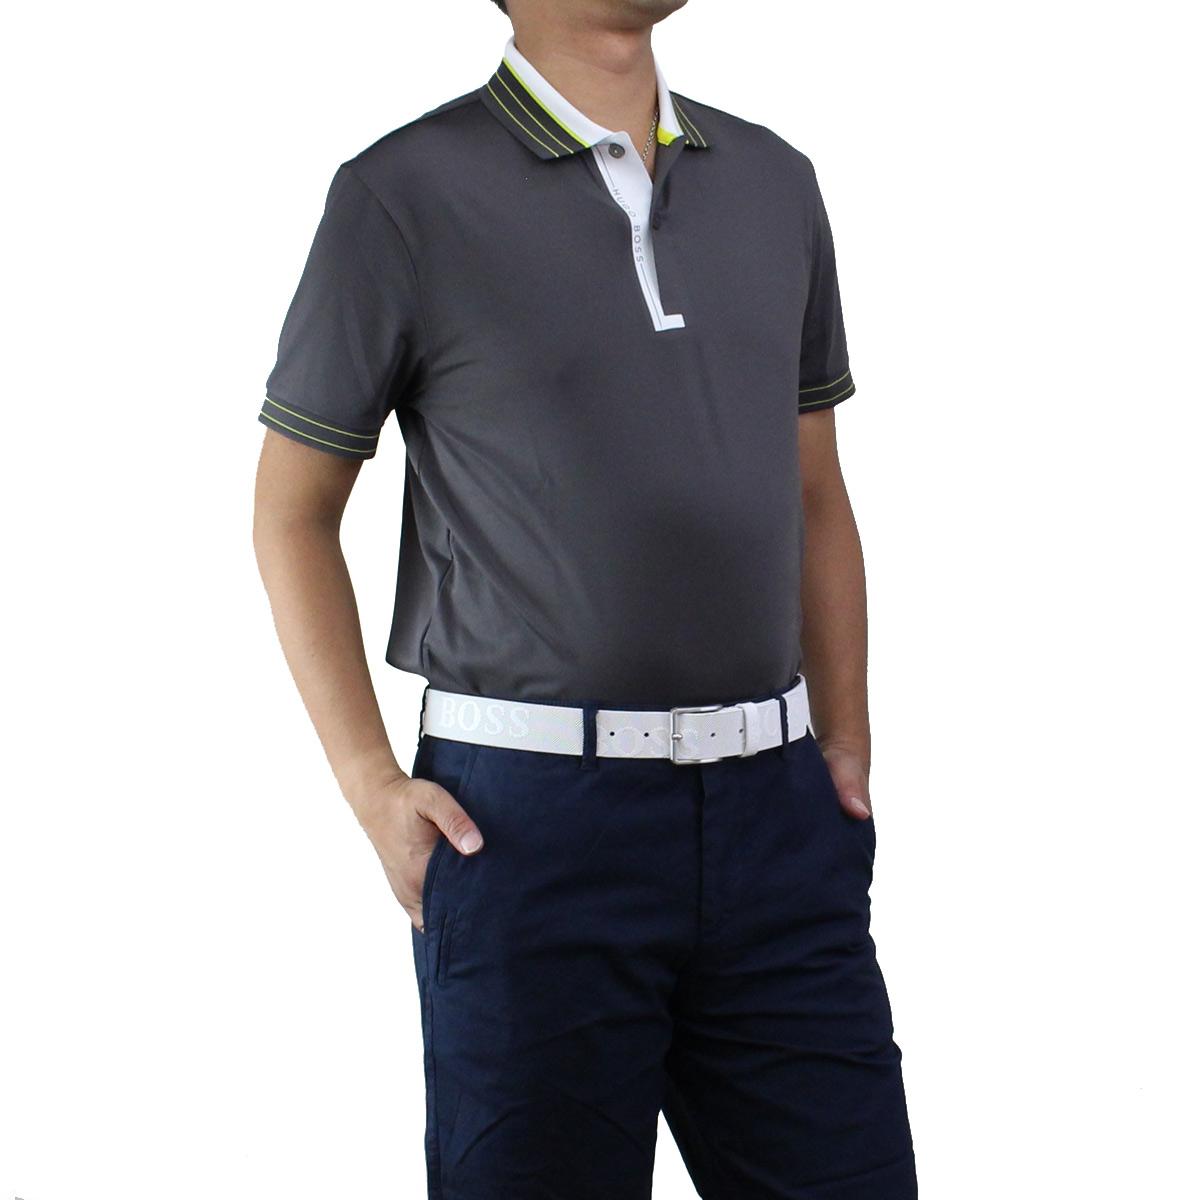 ヒューゴ ボス HUGO BOSS PADDY PRO 1 パディ プロ ポロシャツ 半袖 ゴルフウェア 50403515 10208323 037 グレー系 メンズ【キャッシュレス 5% 還元】